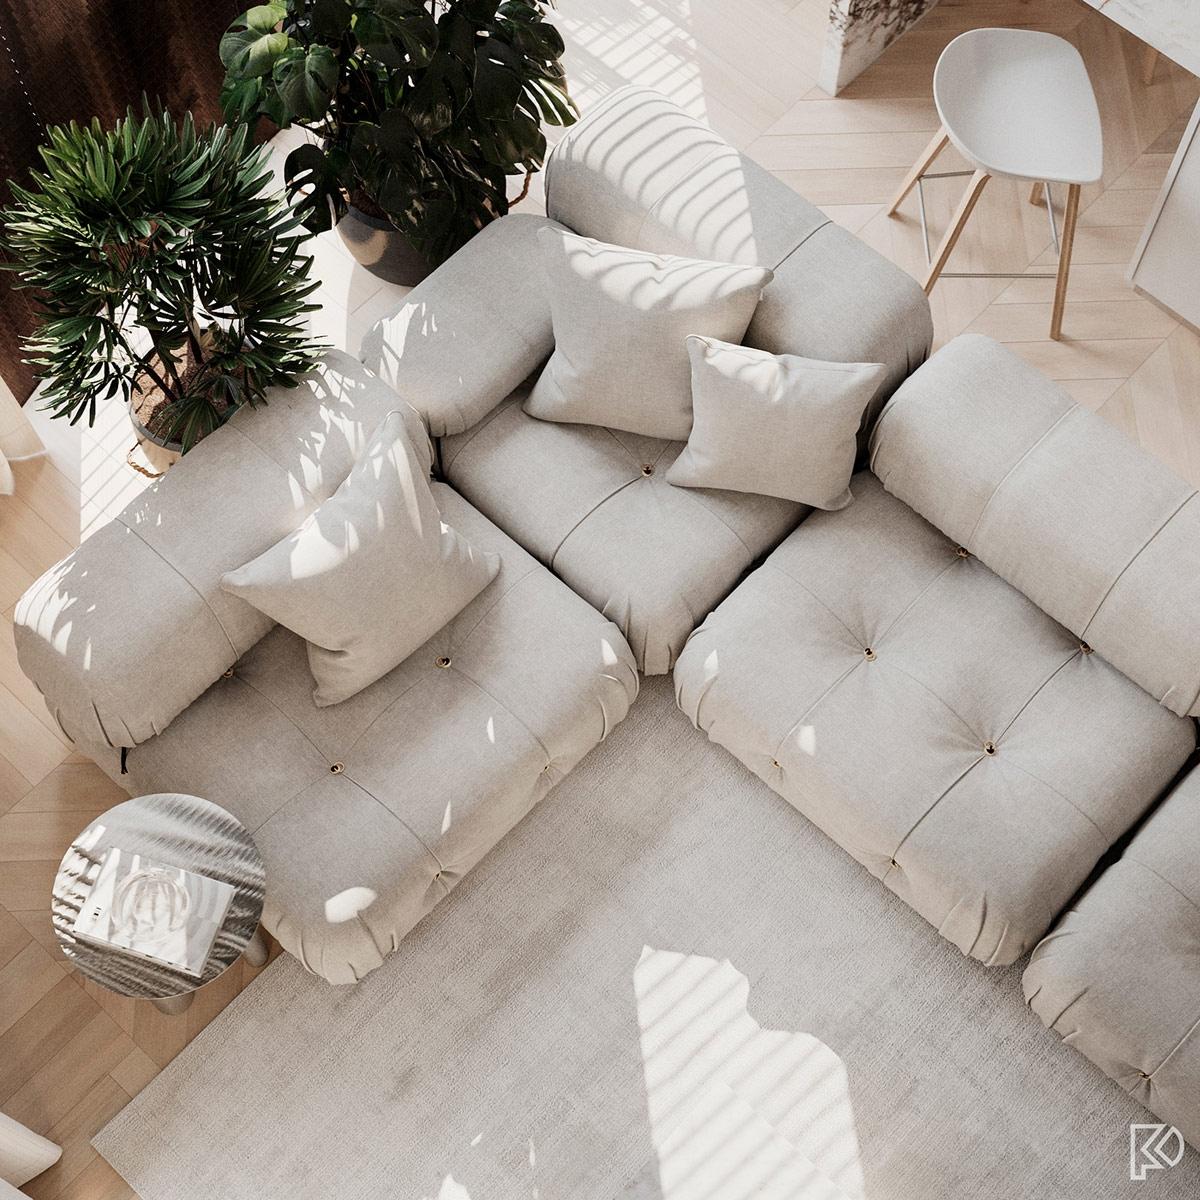 Chiếc sofa lớn màu xám cùng tông với thảm giúp tô điểm thêm cho phòng khách hiện đại.